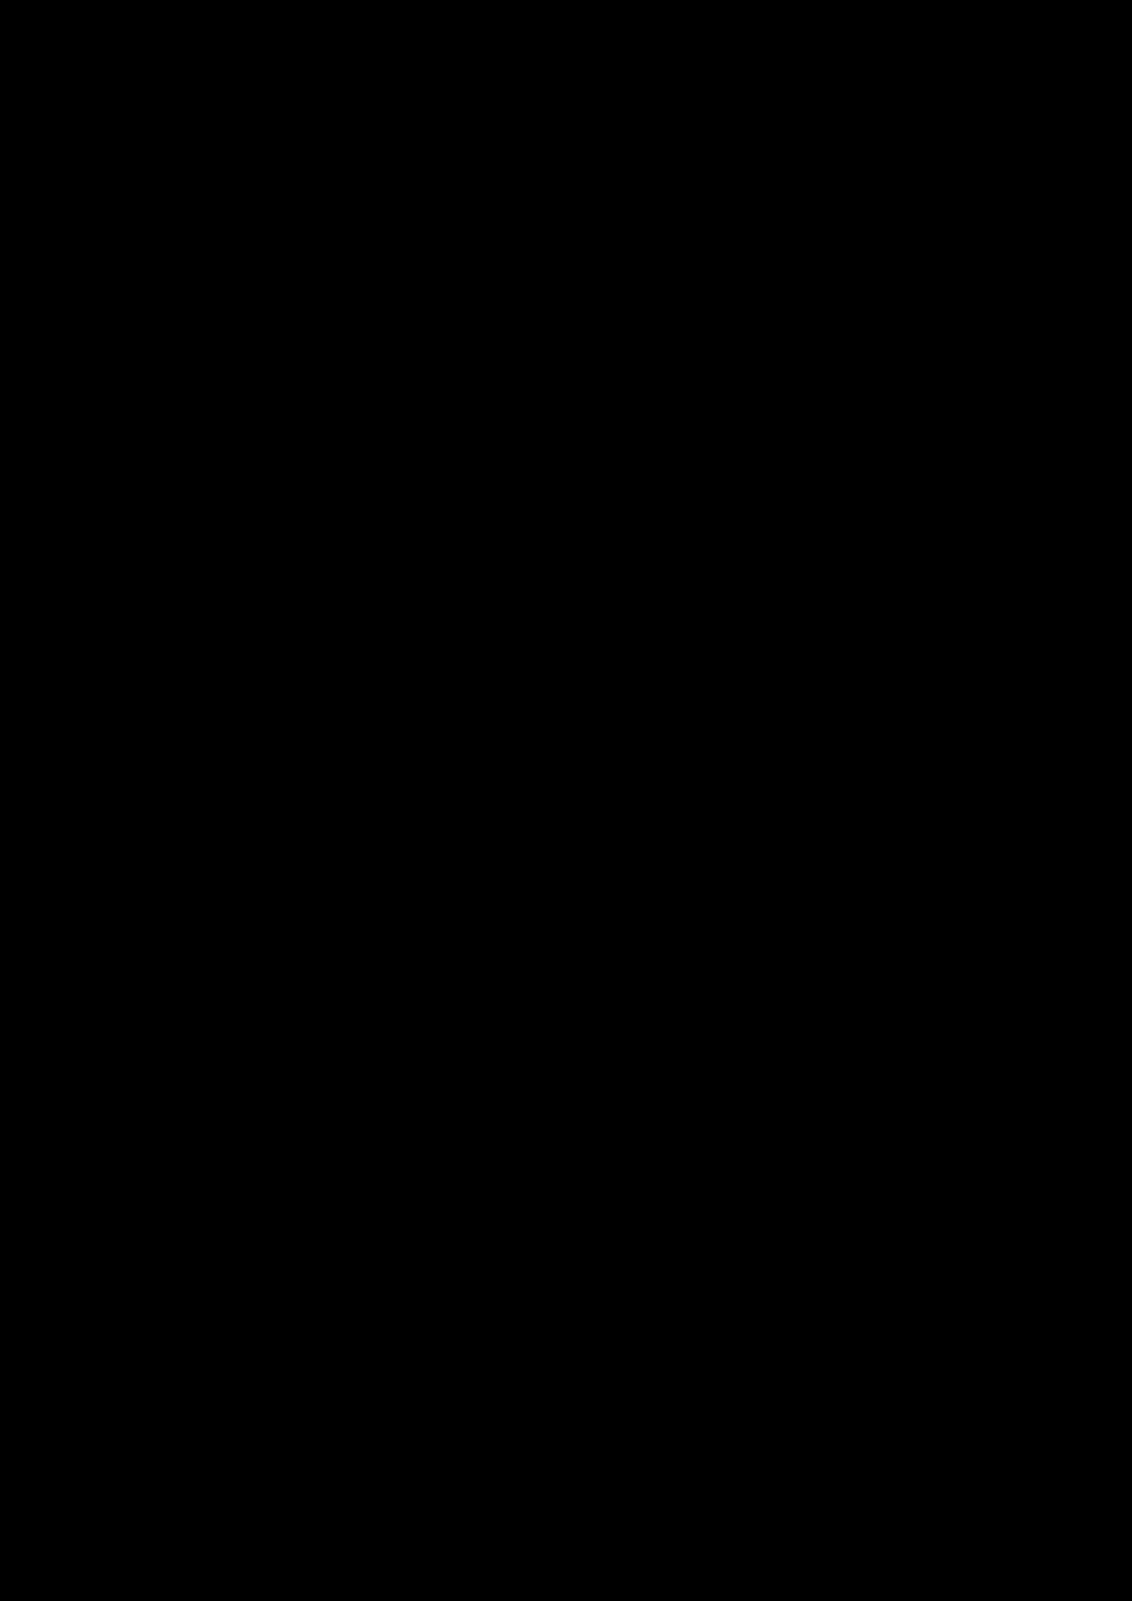 Zagadka volshebnoy stranyi slide, Image 25